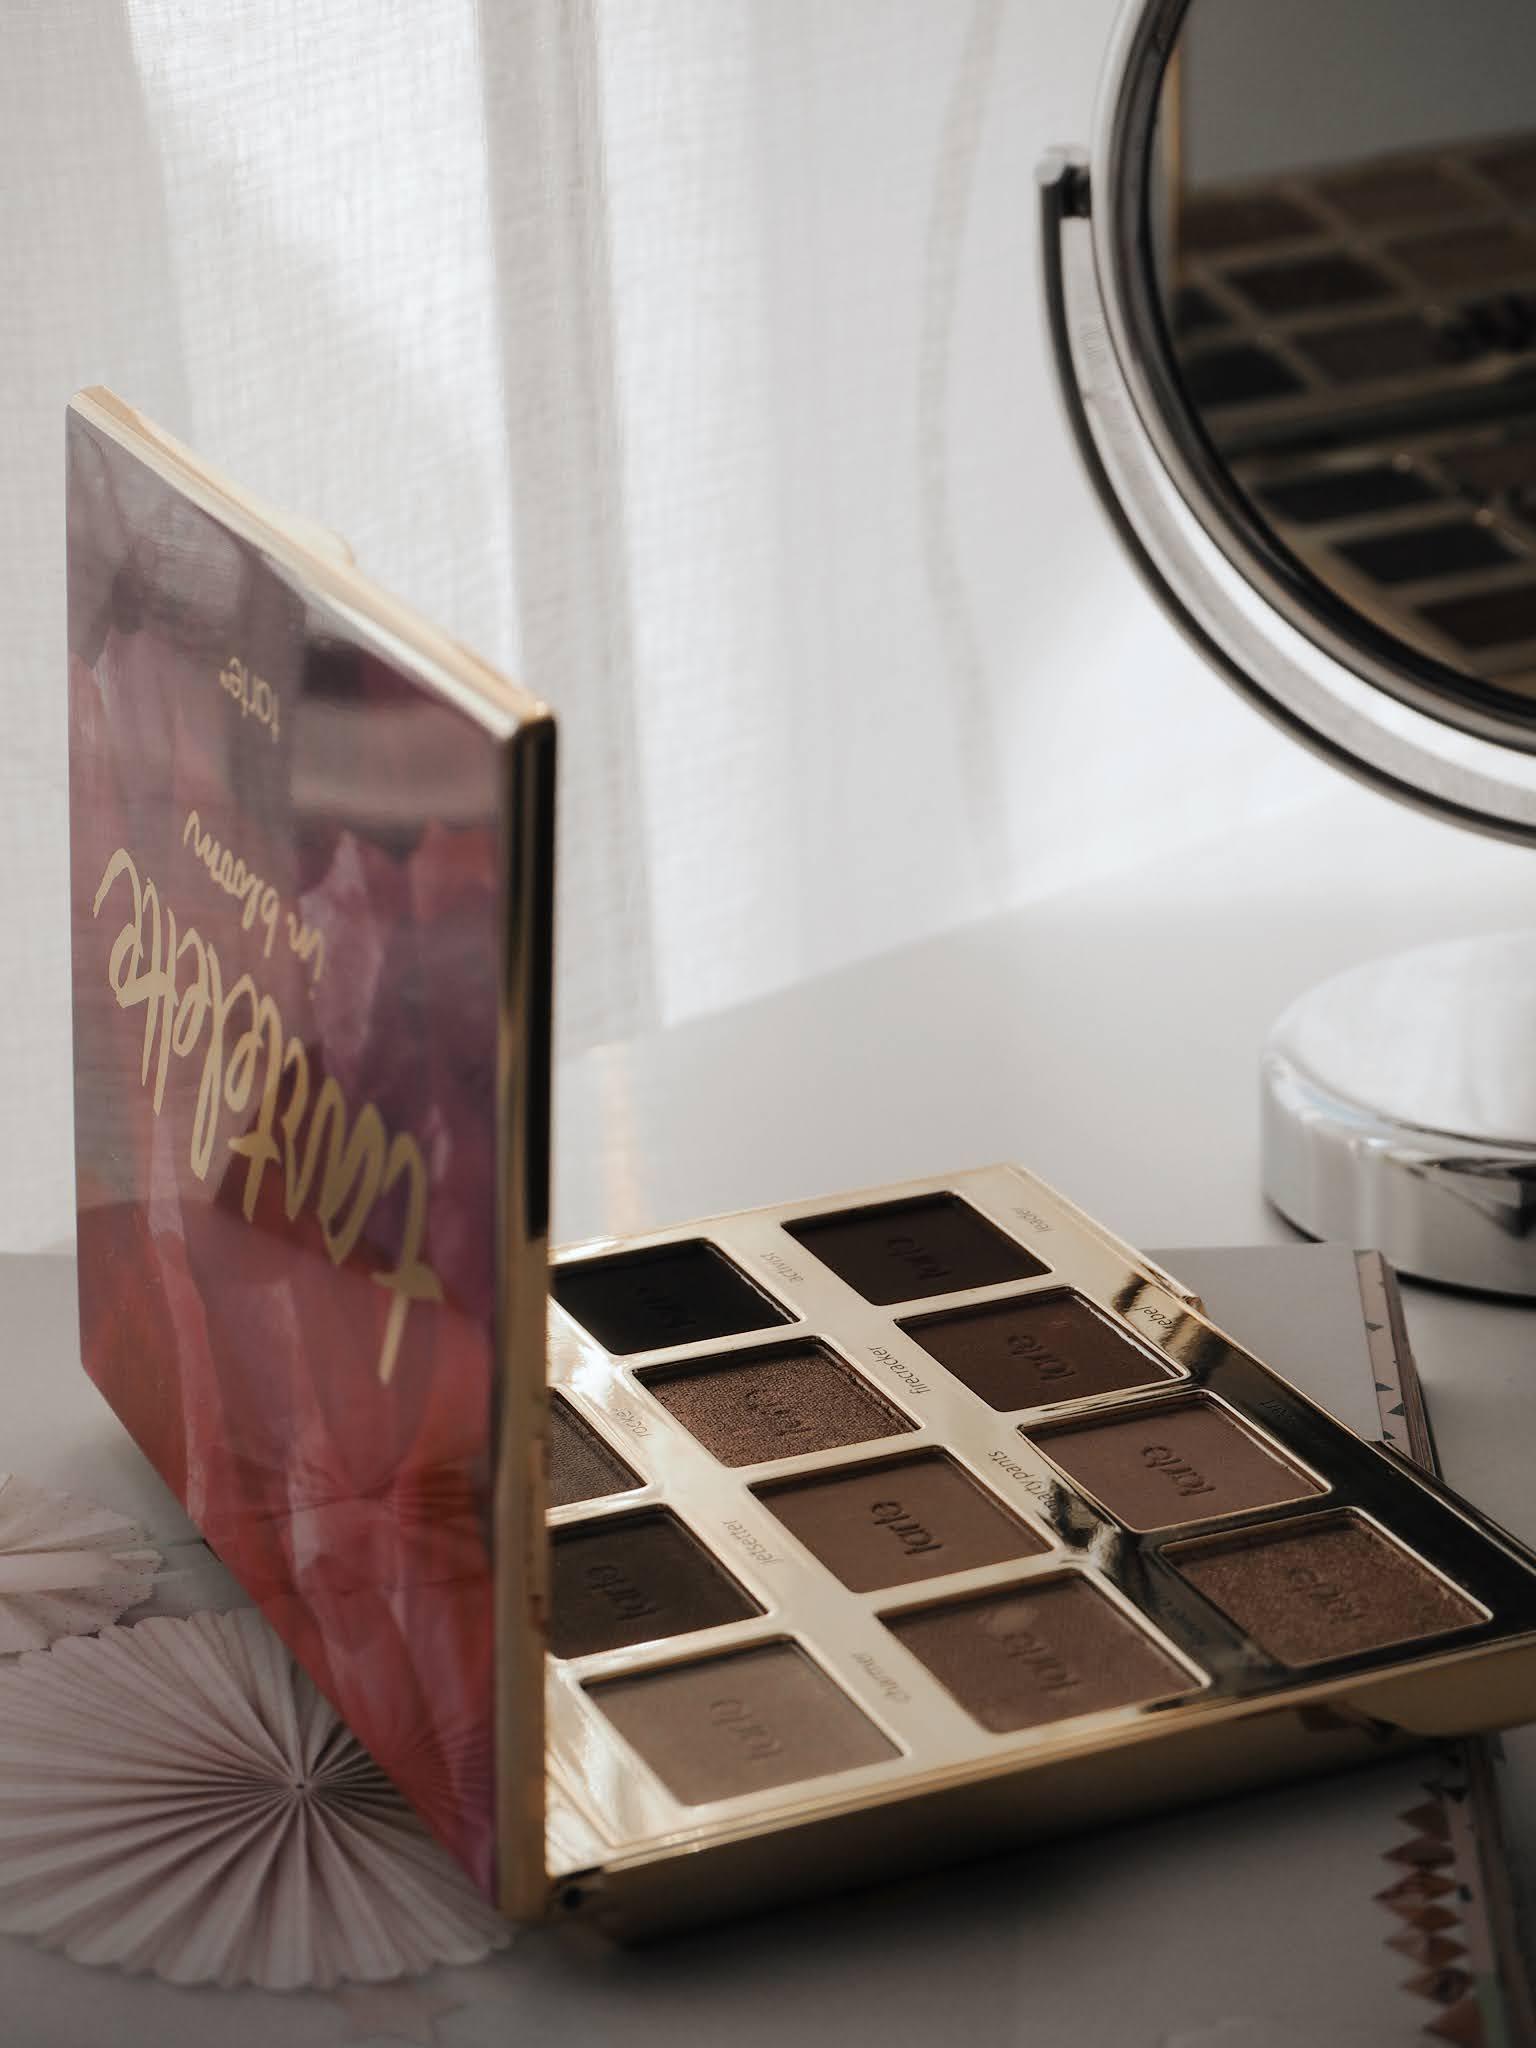 tarte, tartelette, tartelette in bloom, palette, eye palette, eye shadow palette, eye shadow, beauty, cosmetics